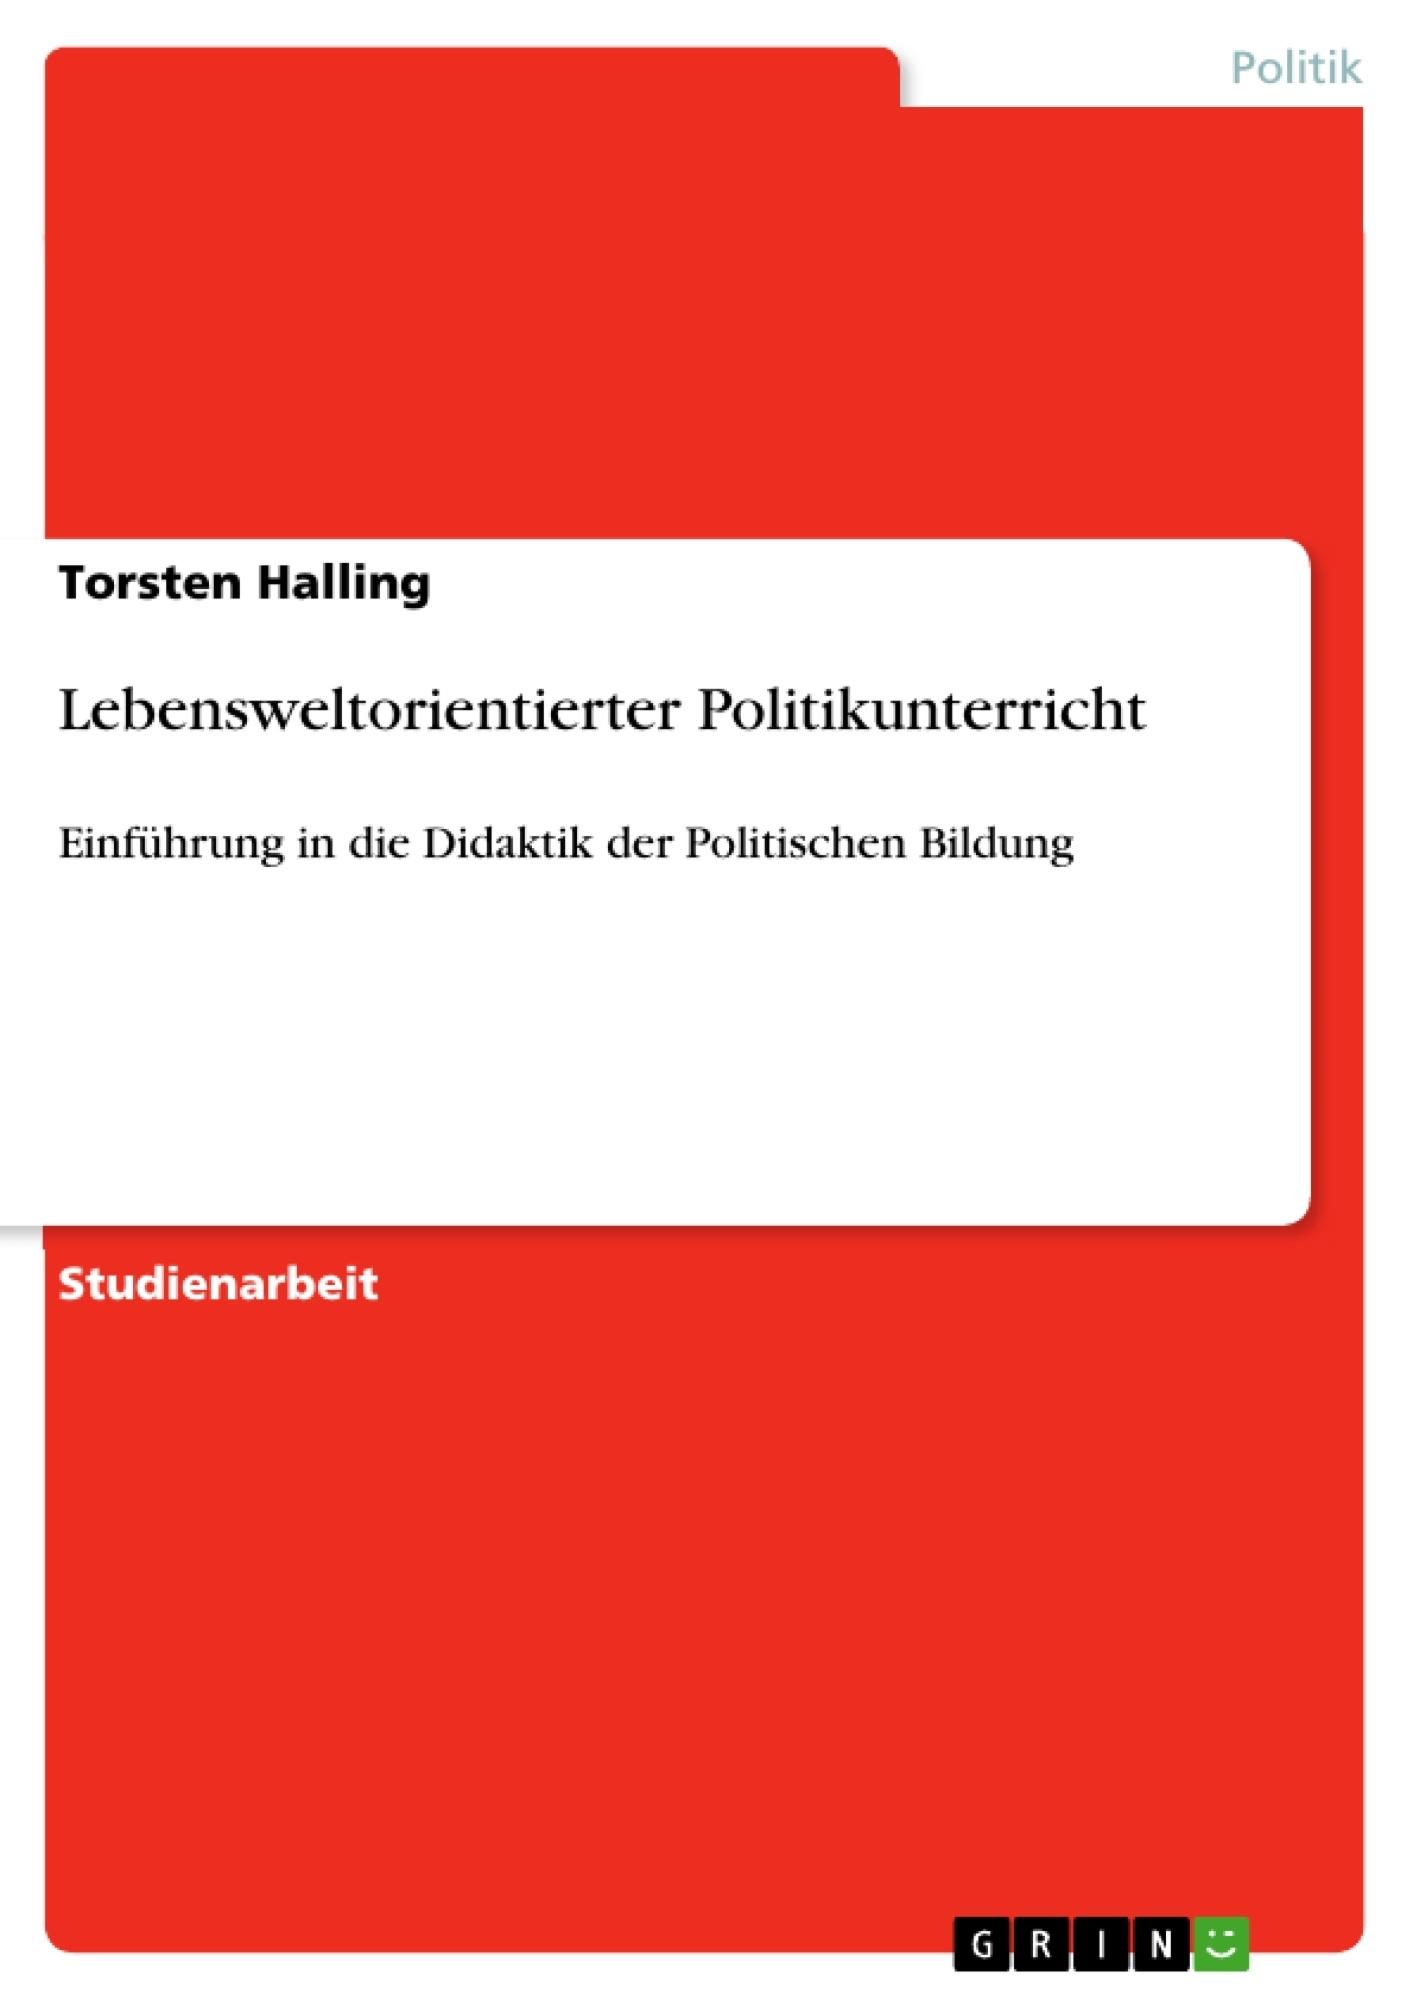 Titel: Lebensweltorientierter Politikunterricht